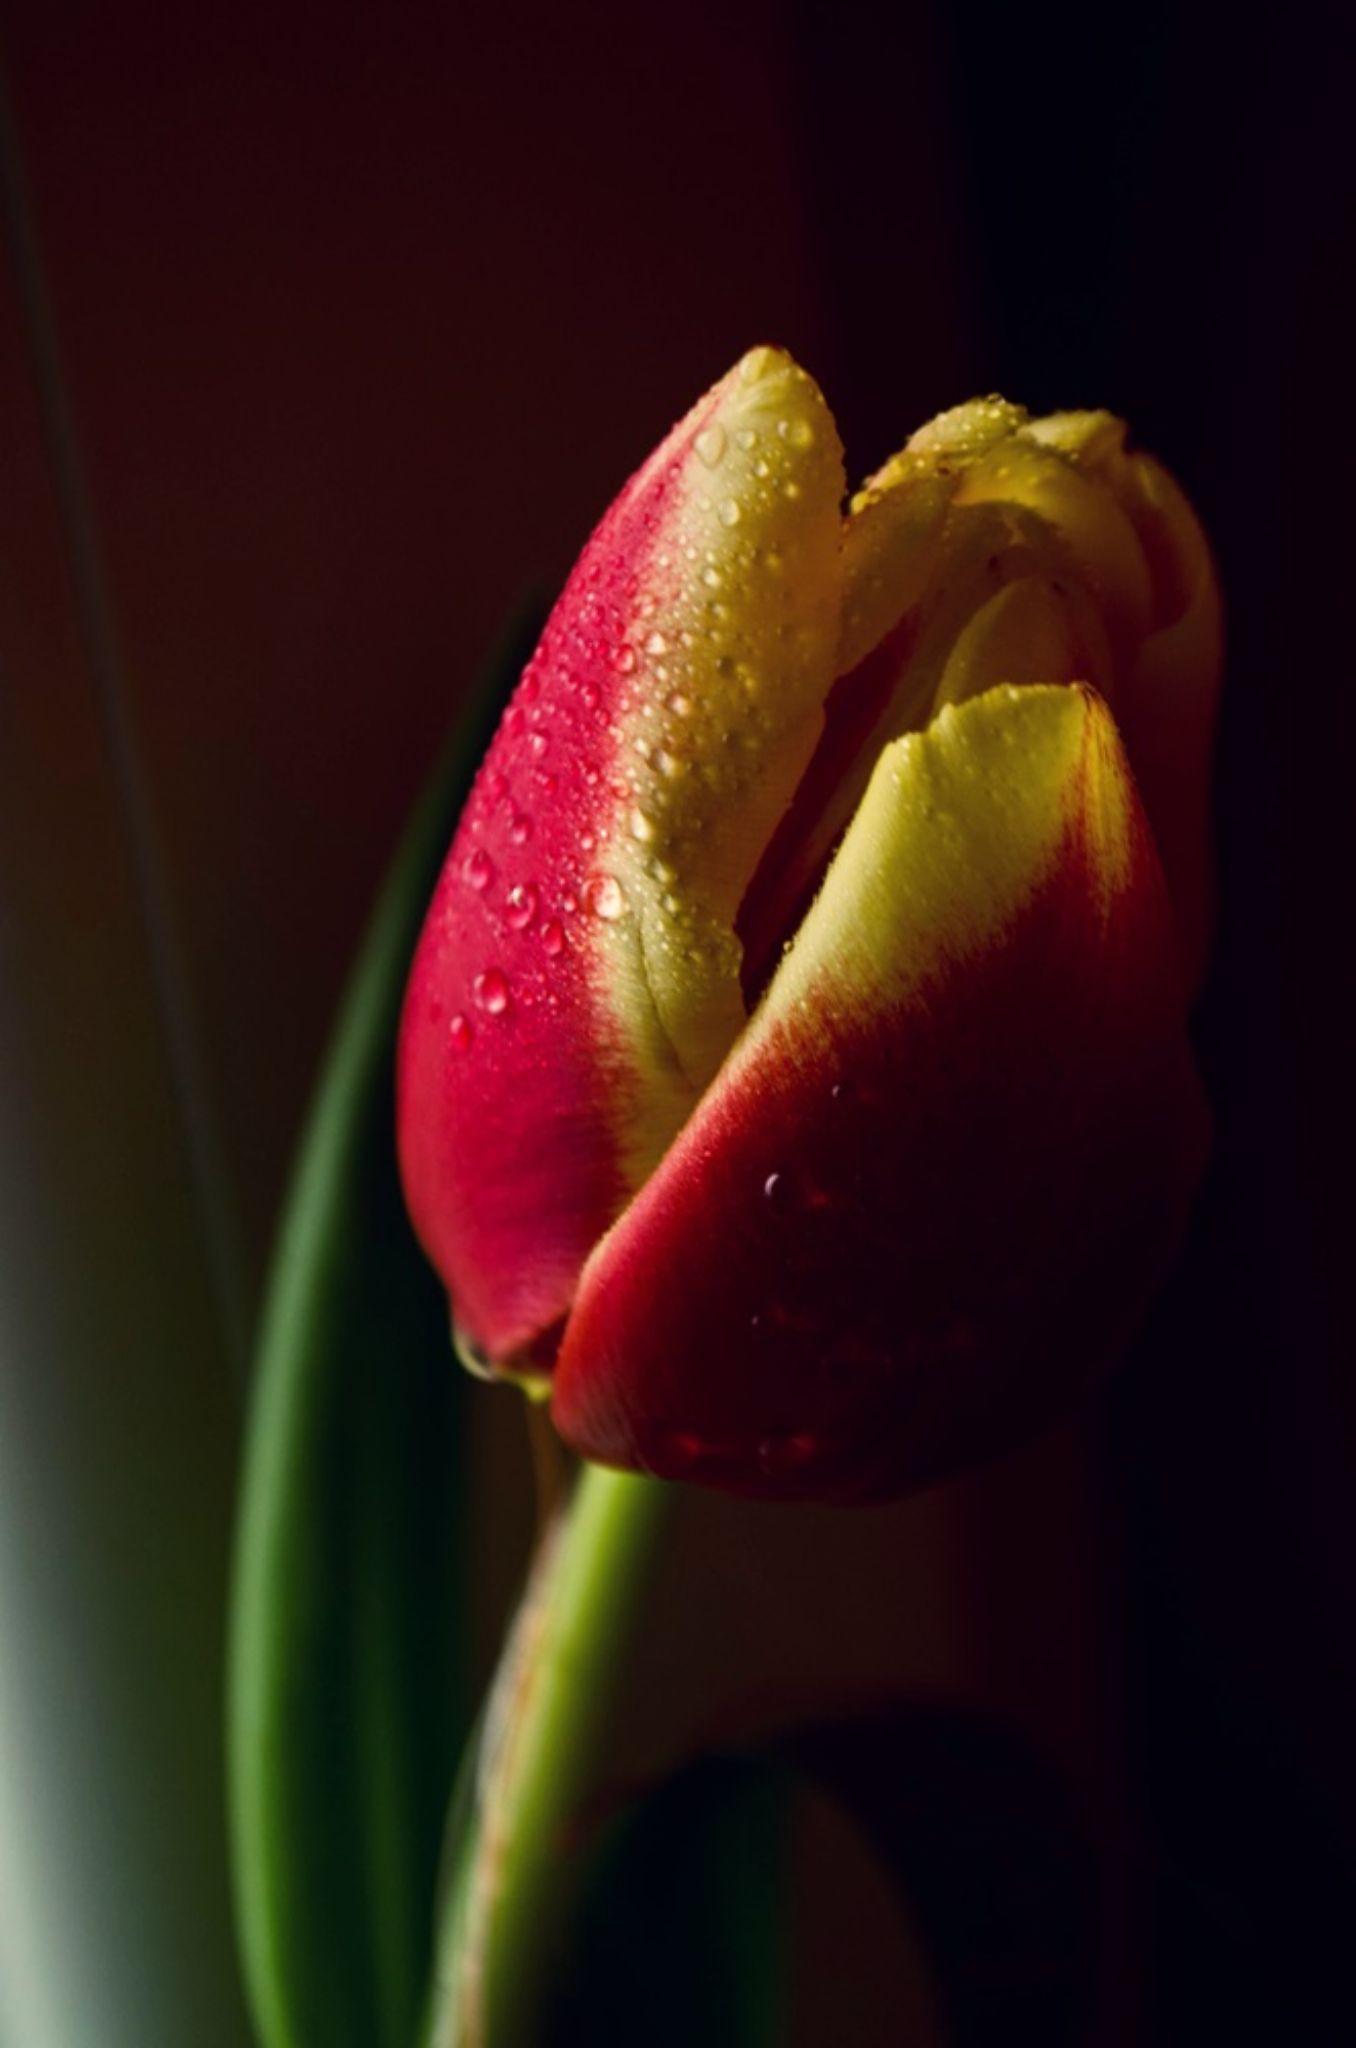 Tulip by waaterproof